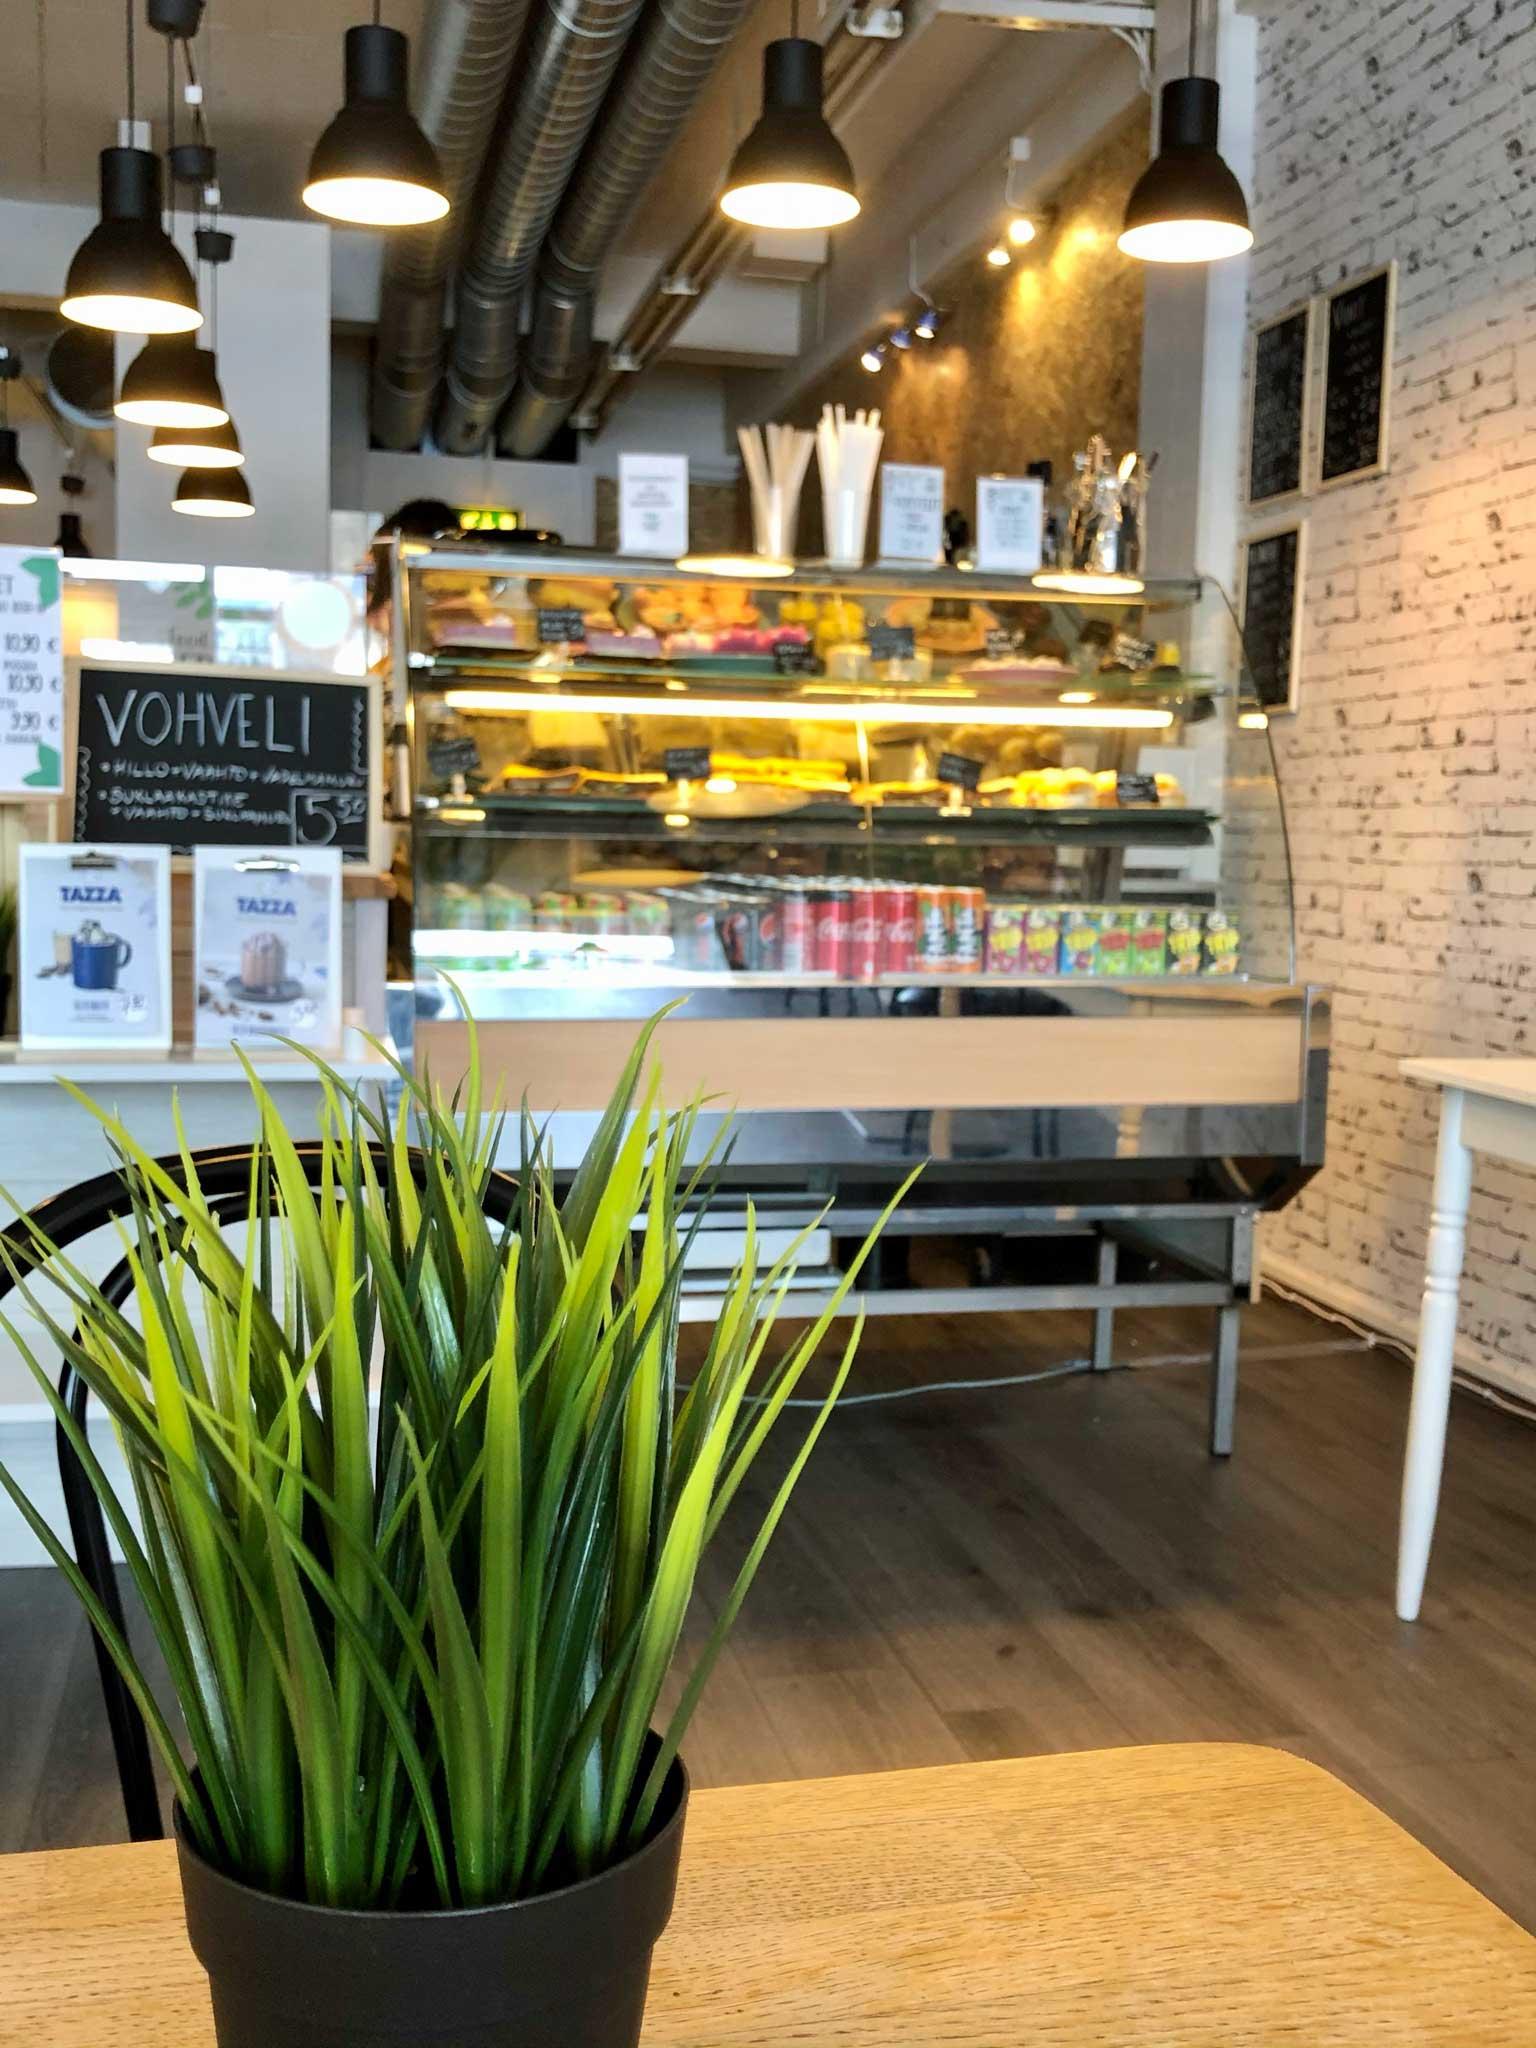 Food & Cafe Fridan vitriinni, jossa esillä kakkupaloja ja muita leivonnaisia.